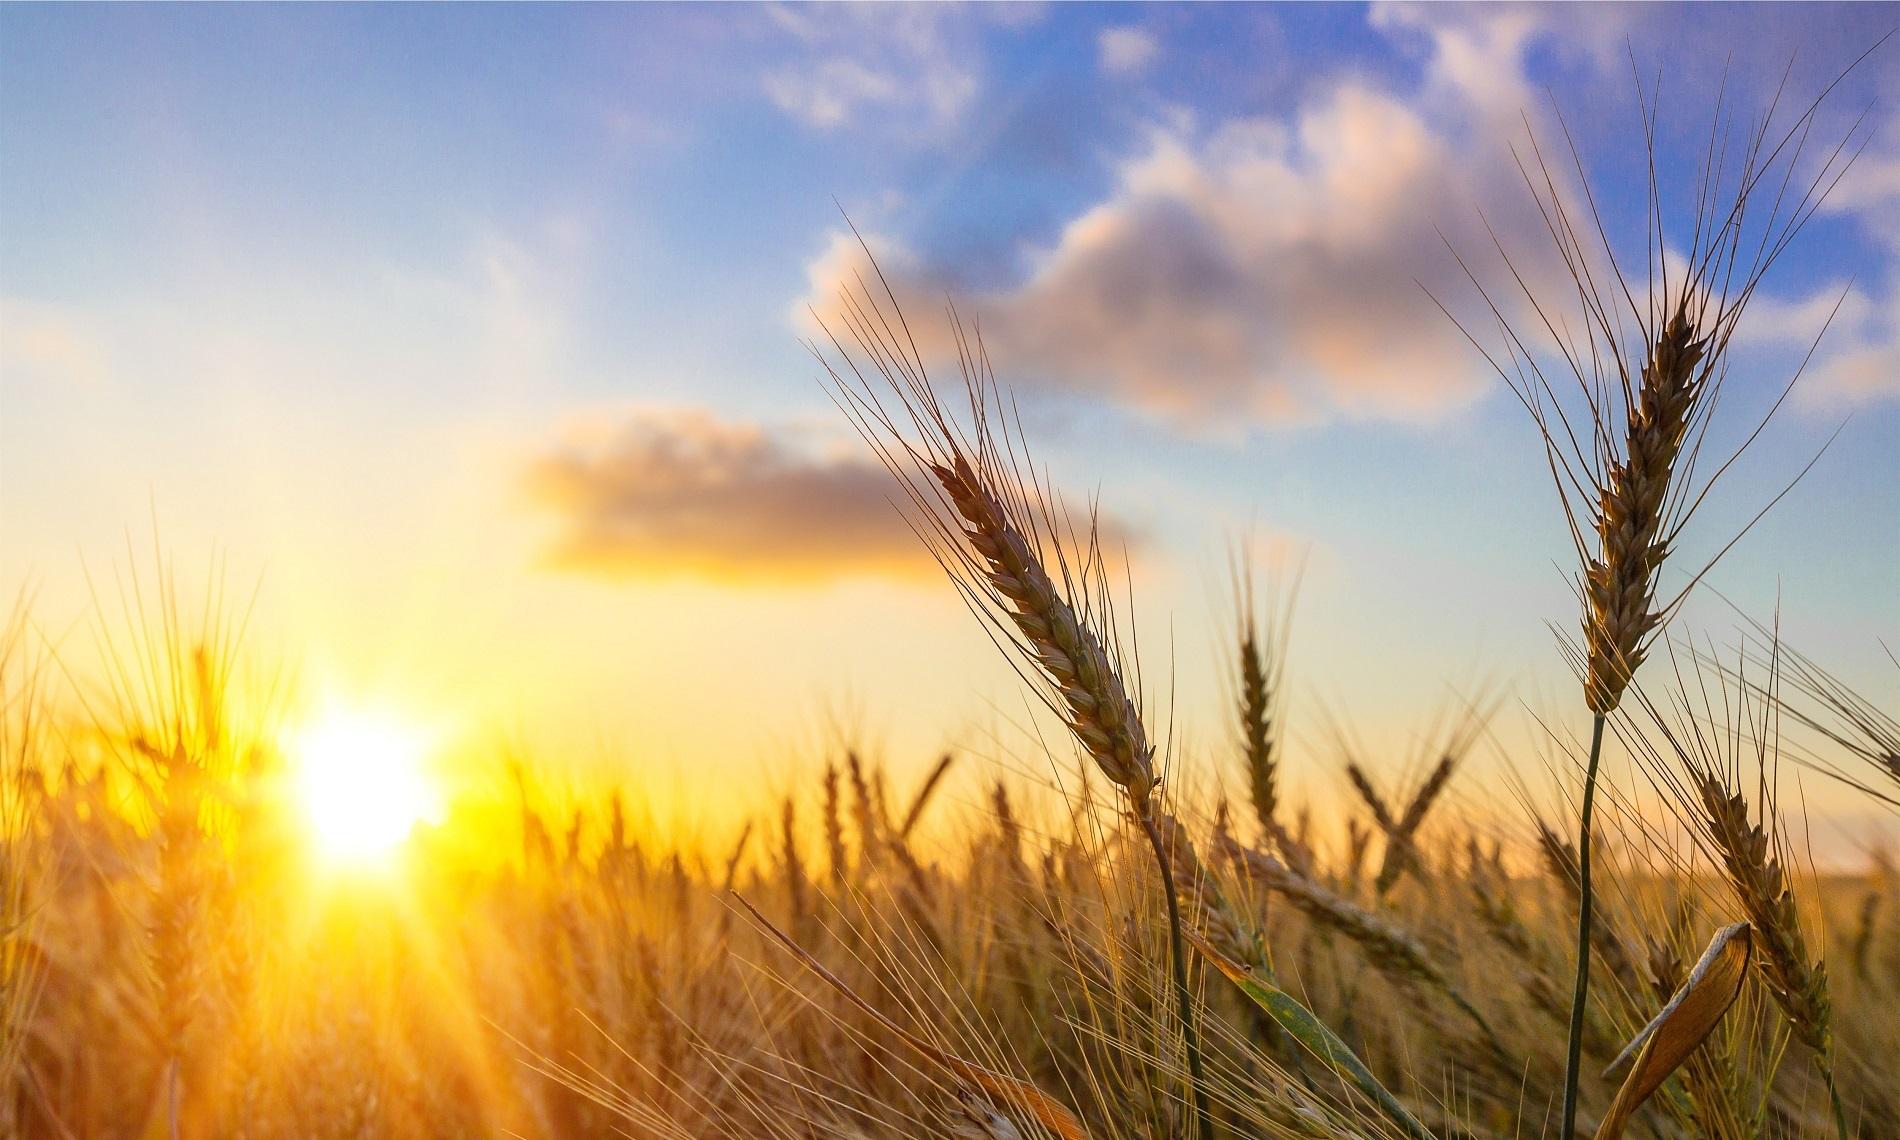 ¿Cuáles son las principales amenazas agrícolas para tus cultivos durante el verano?